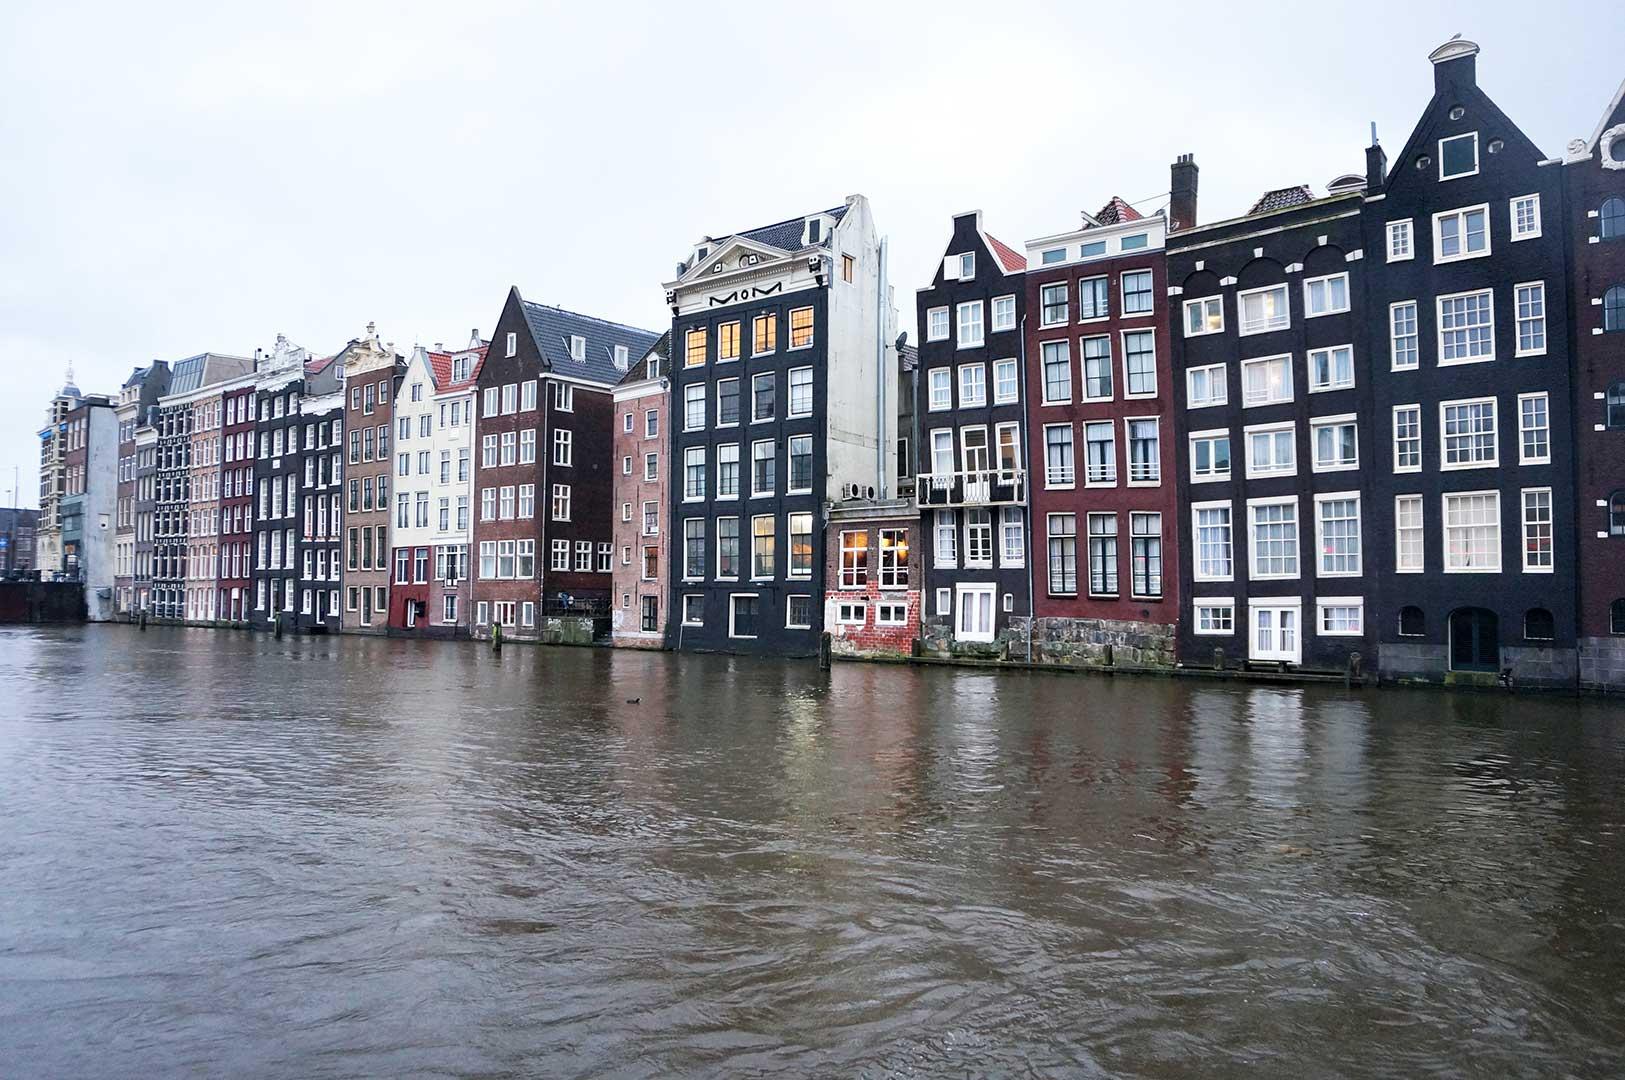 Damrak - Oudebrugsteeg - kanal - evler